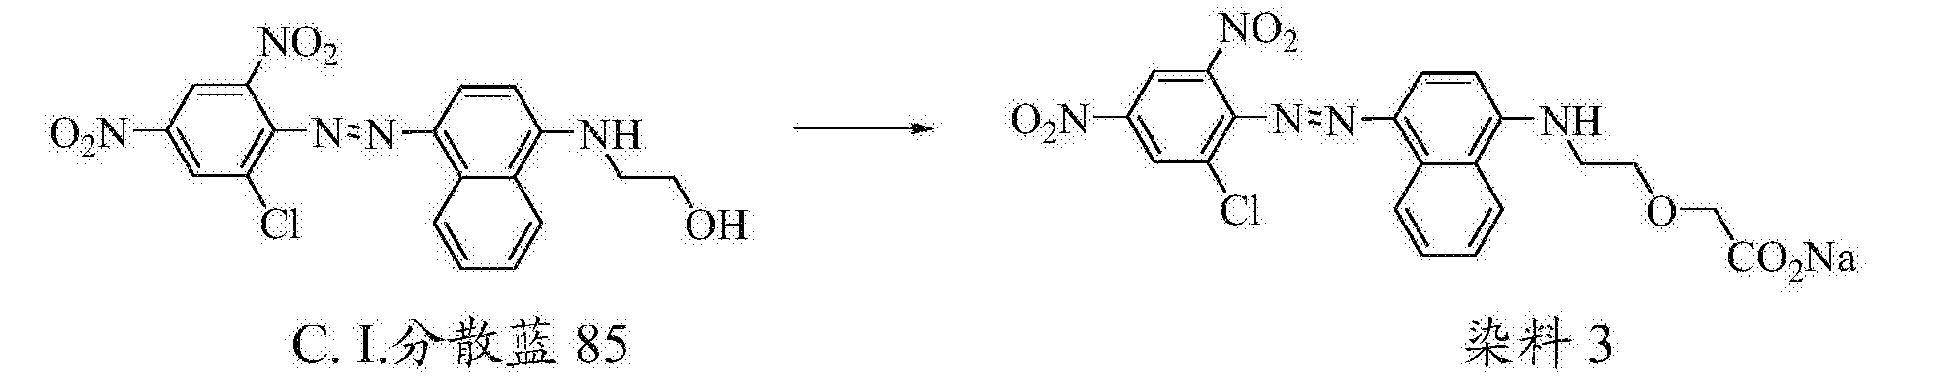 Figure CN104350106BD00202